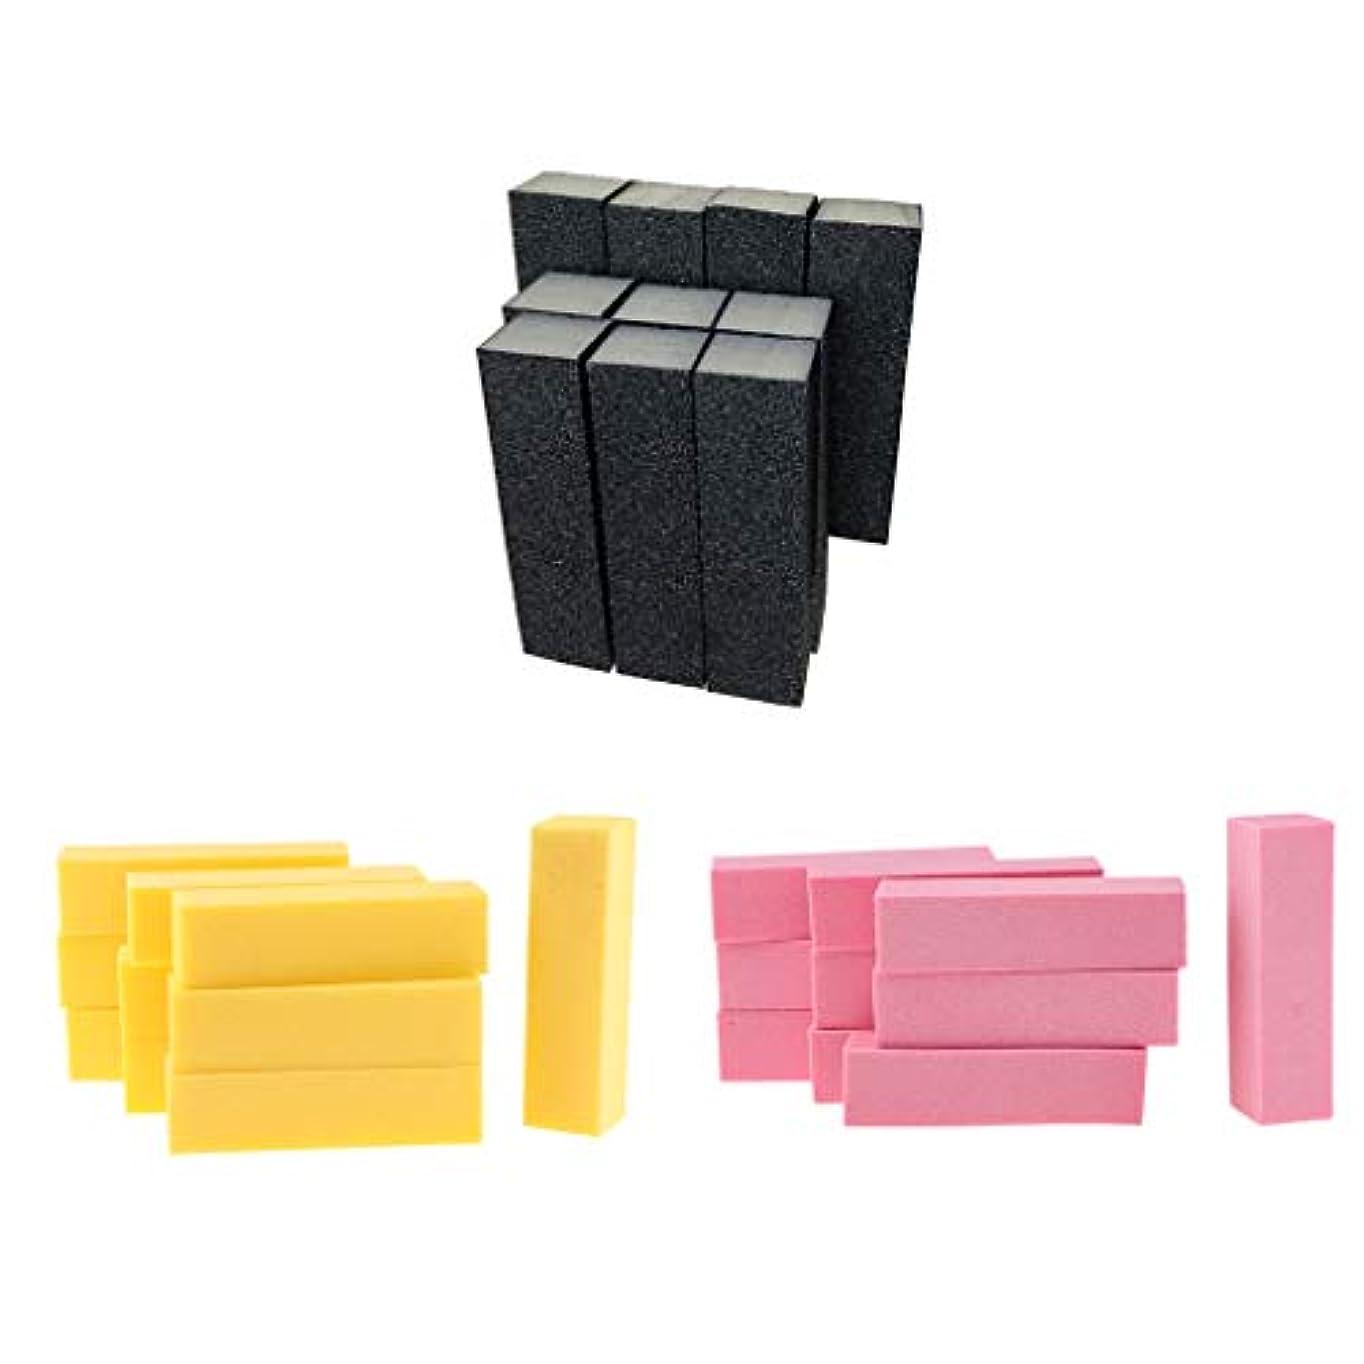 つまらないくそー死にかけているSM SunniMix ネイルファイルブロック 爪やすり スポンジ ネイル磨き ネイルファイルスポンジ ネイルアート用品 約30個入り